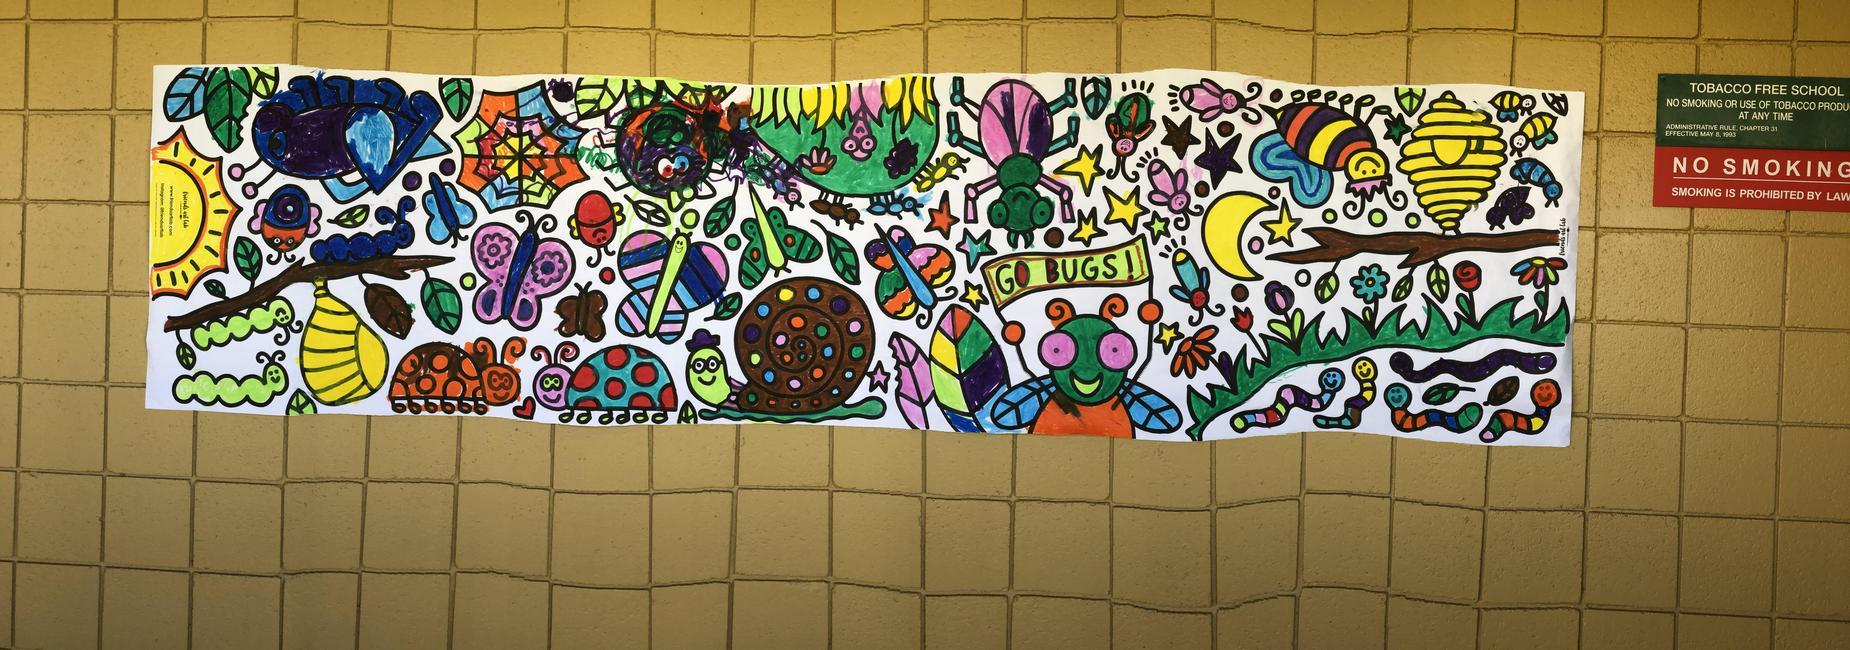 Pre School Artwork